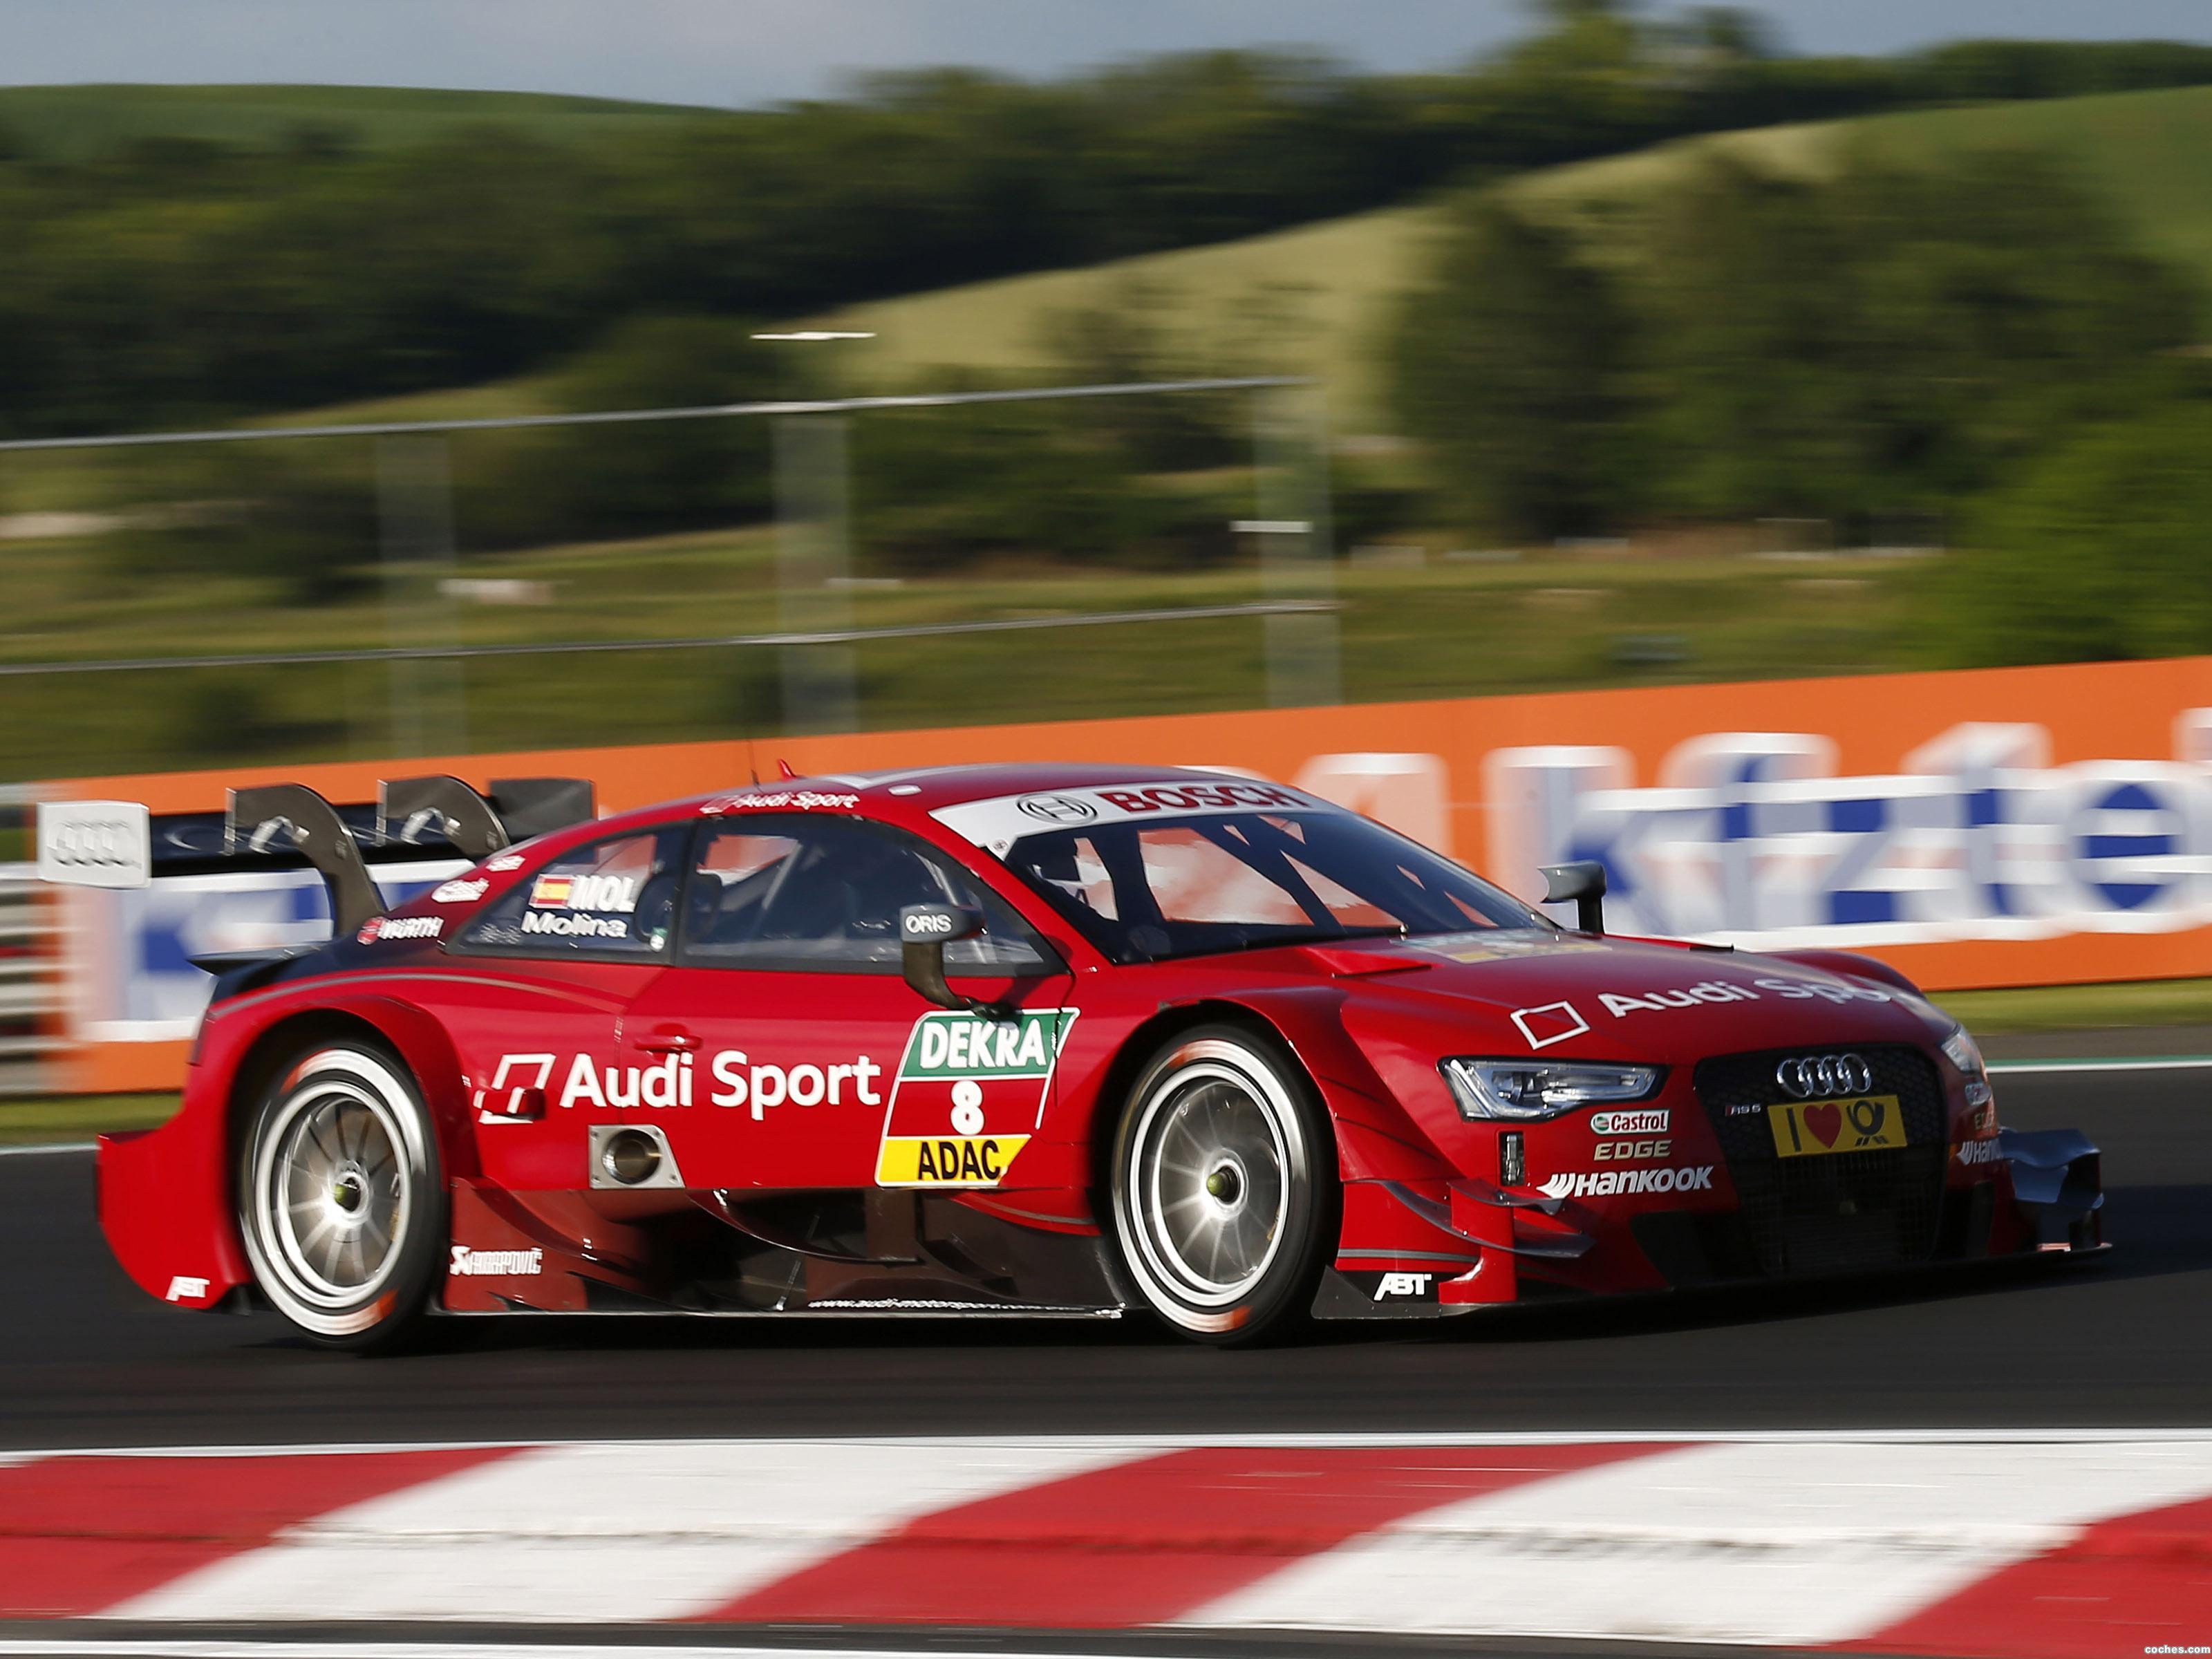 Foto 9 de Audi RS5 DTM 2014